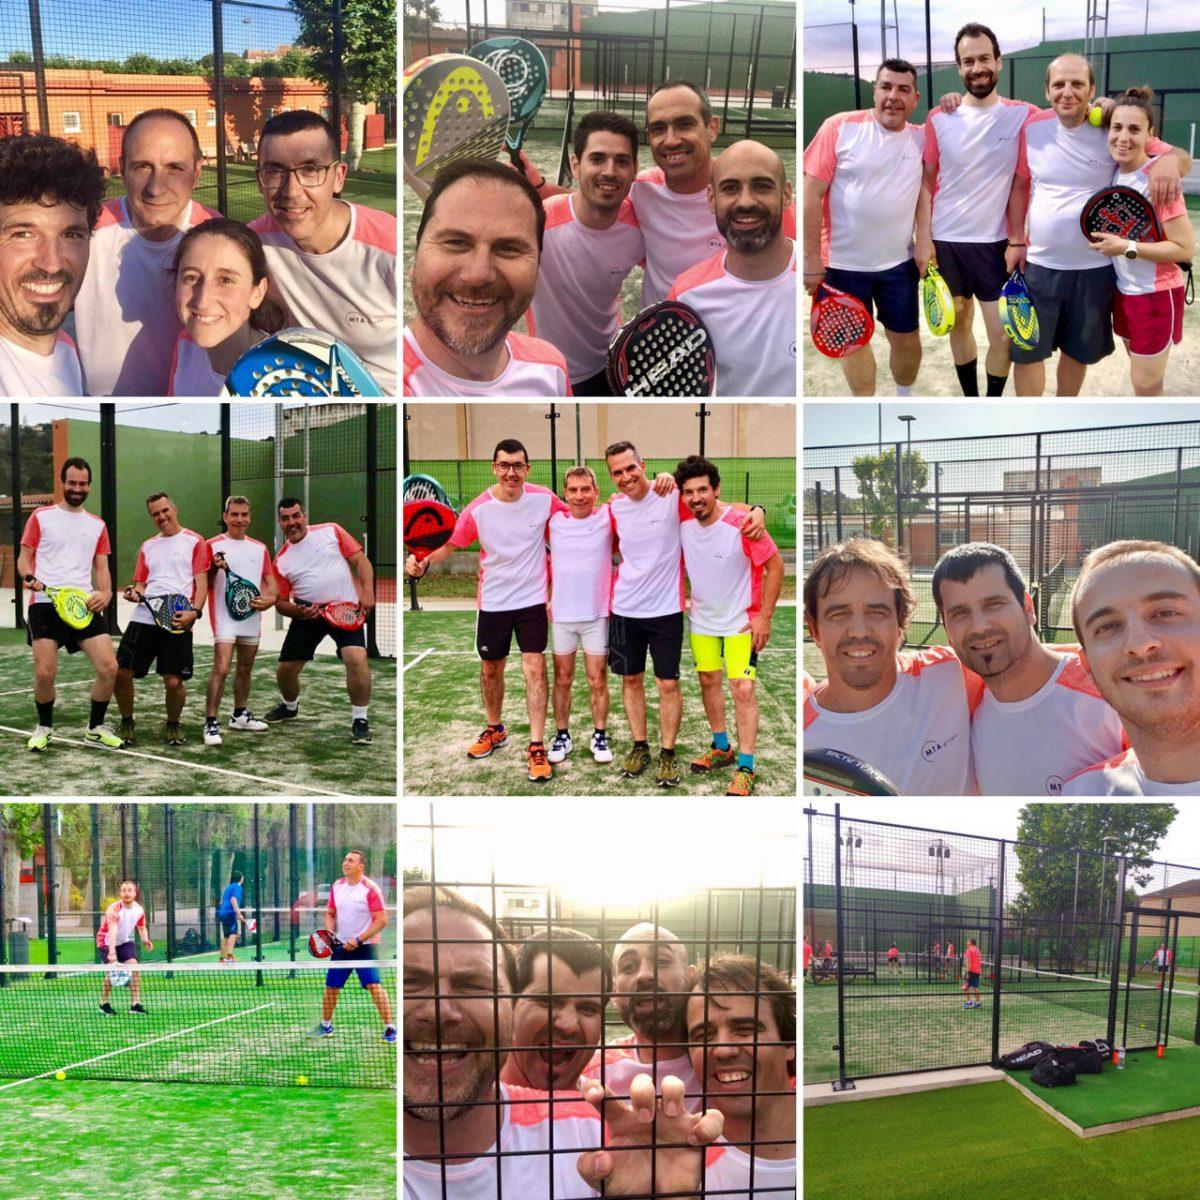 Grupo MTA con el deporte y promoviendo actividades lúdicas saludables en el entorno laboral